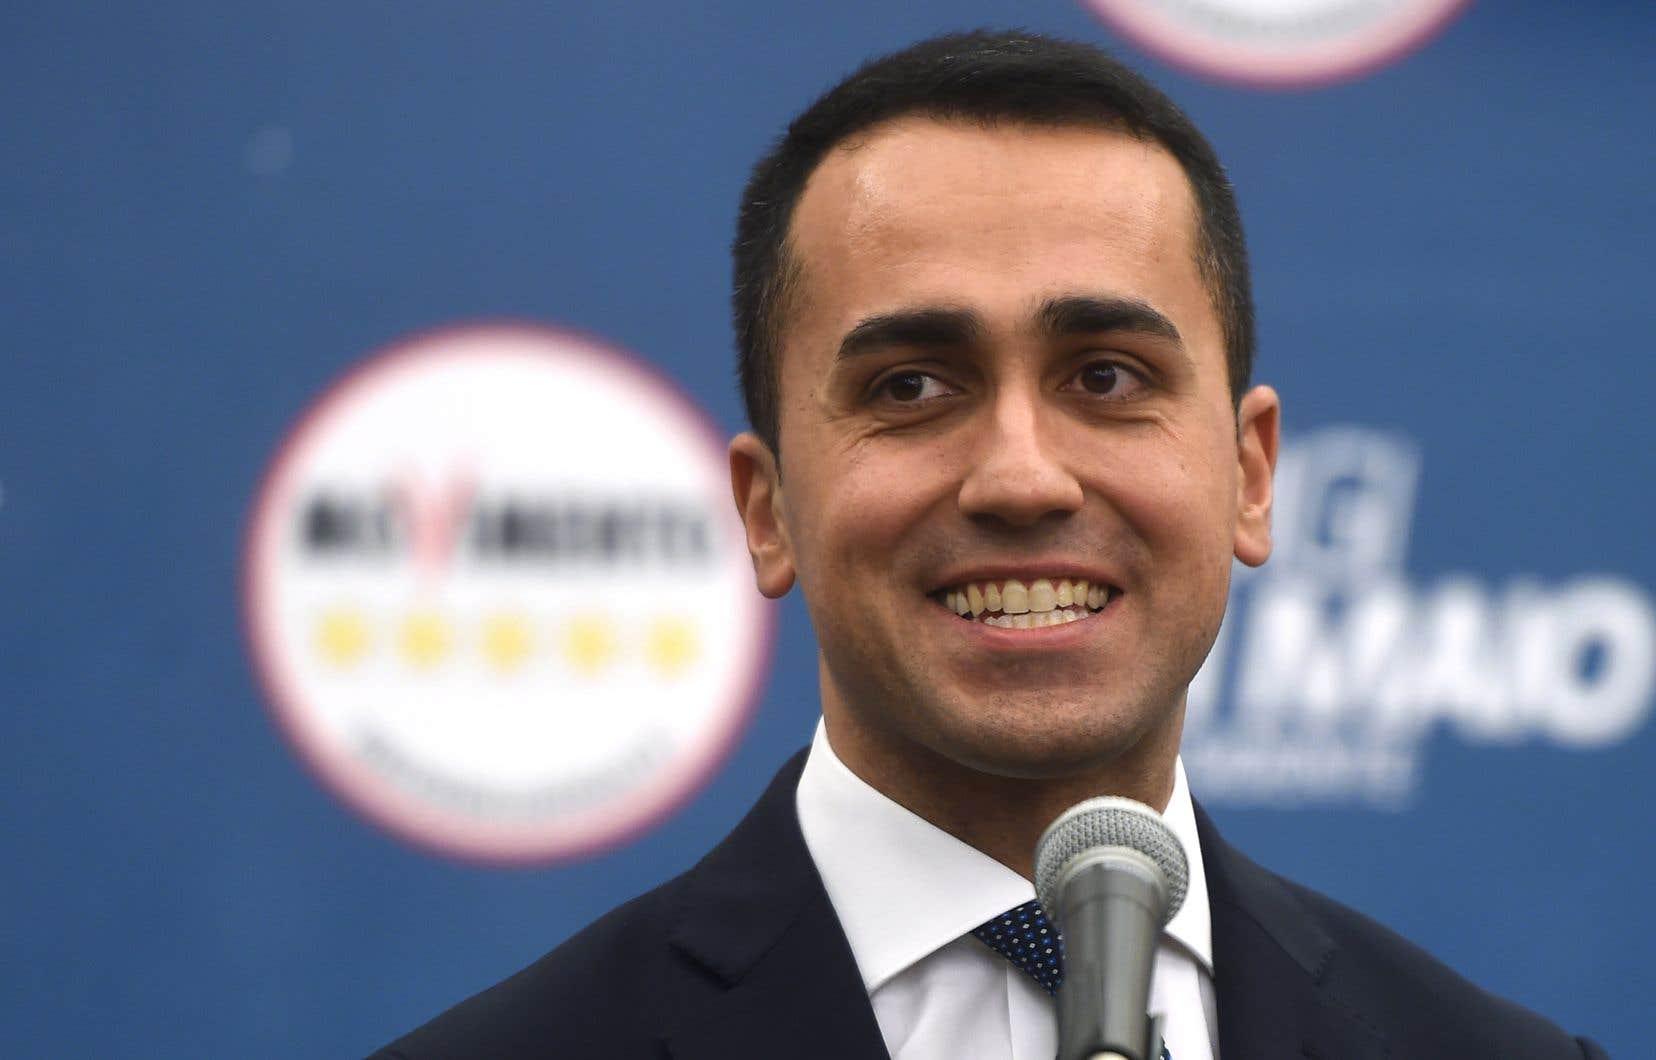 Le leader du Mouvement 5 étoiles, Luigi Di Maio, s'est adressé aux journalistes, lundi.